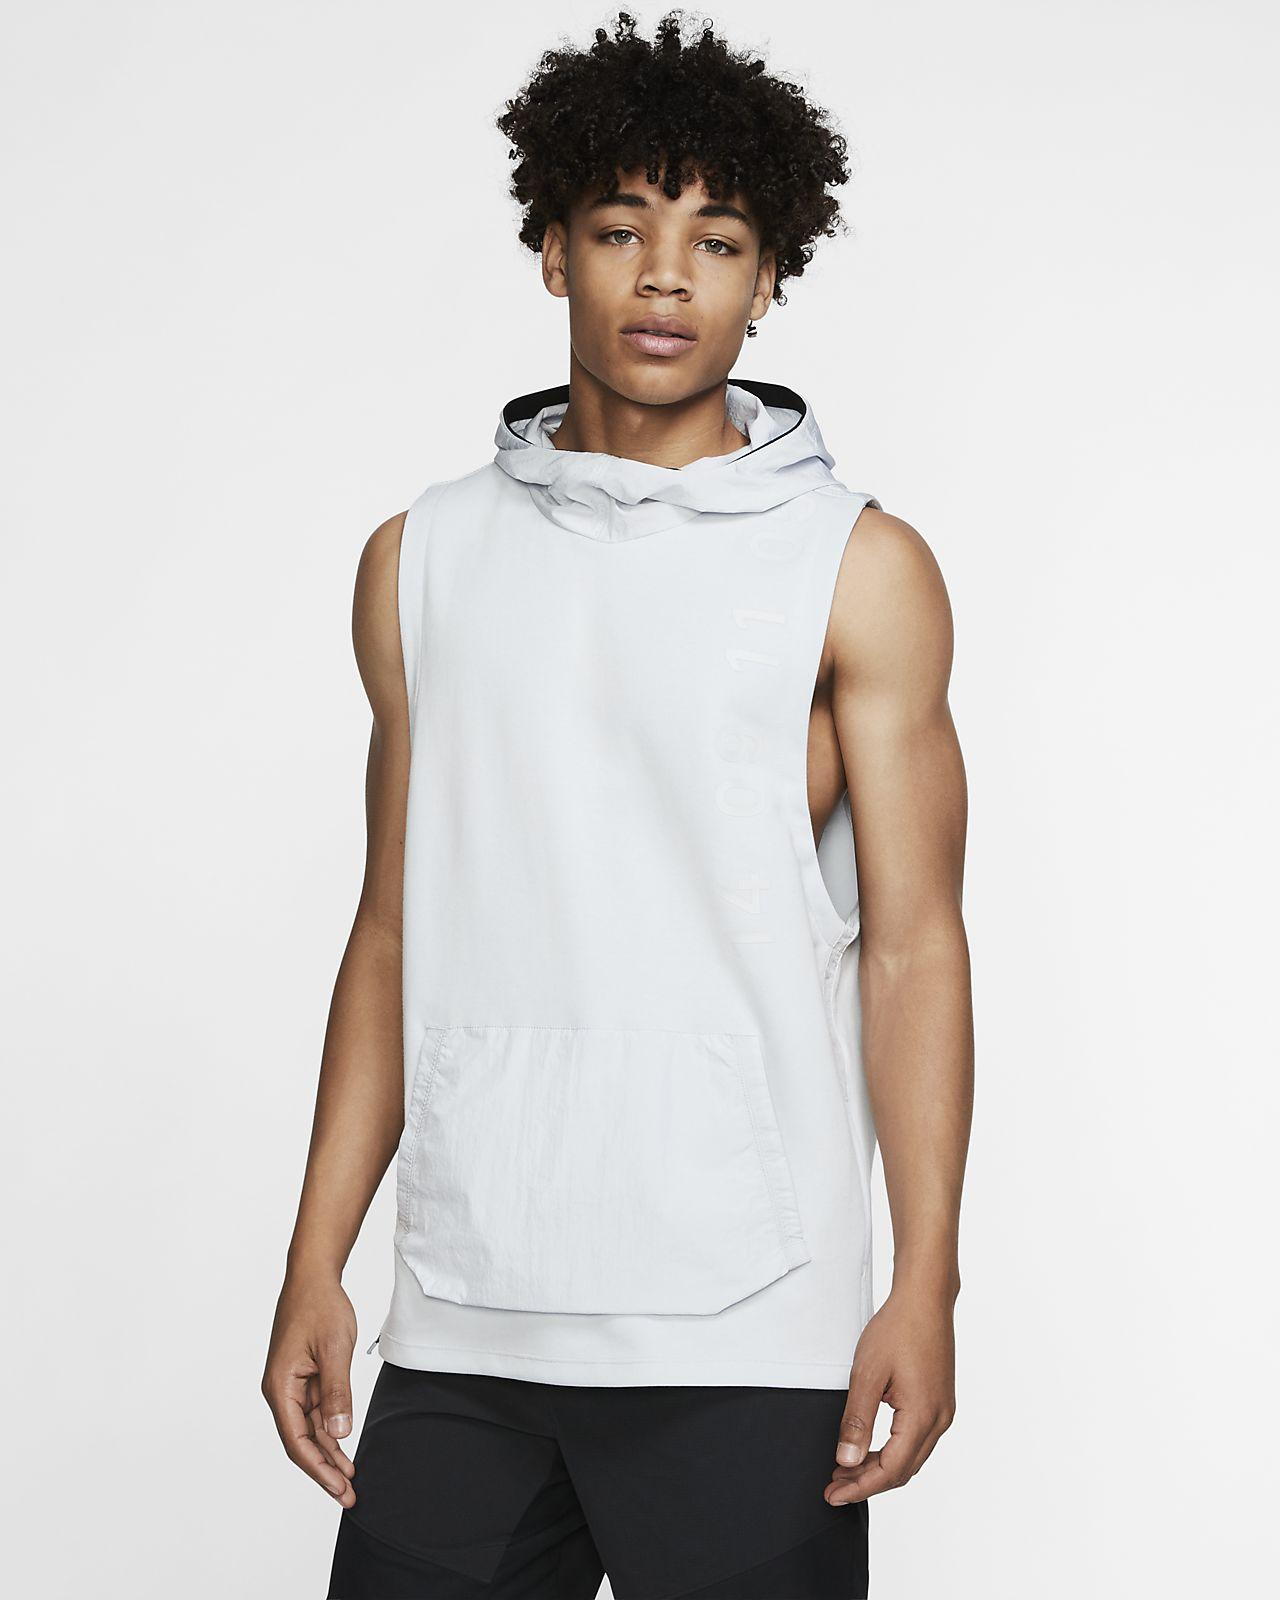 Nike 男子连帽无袖训练上衣